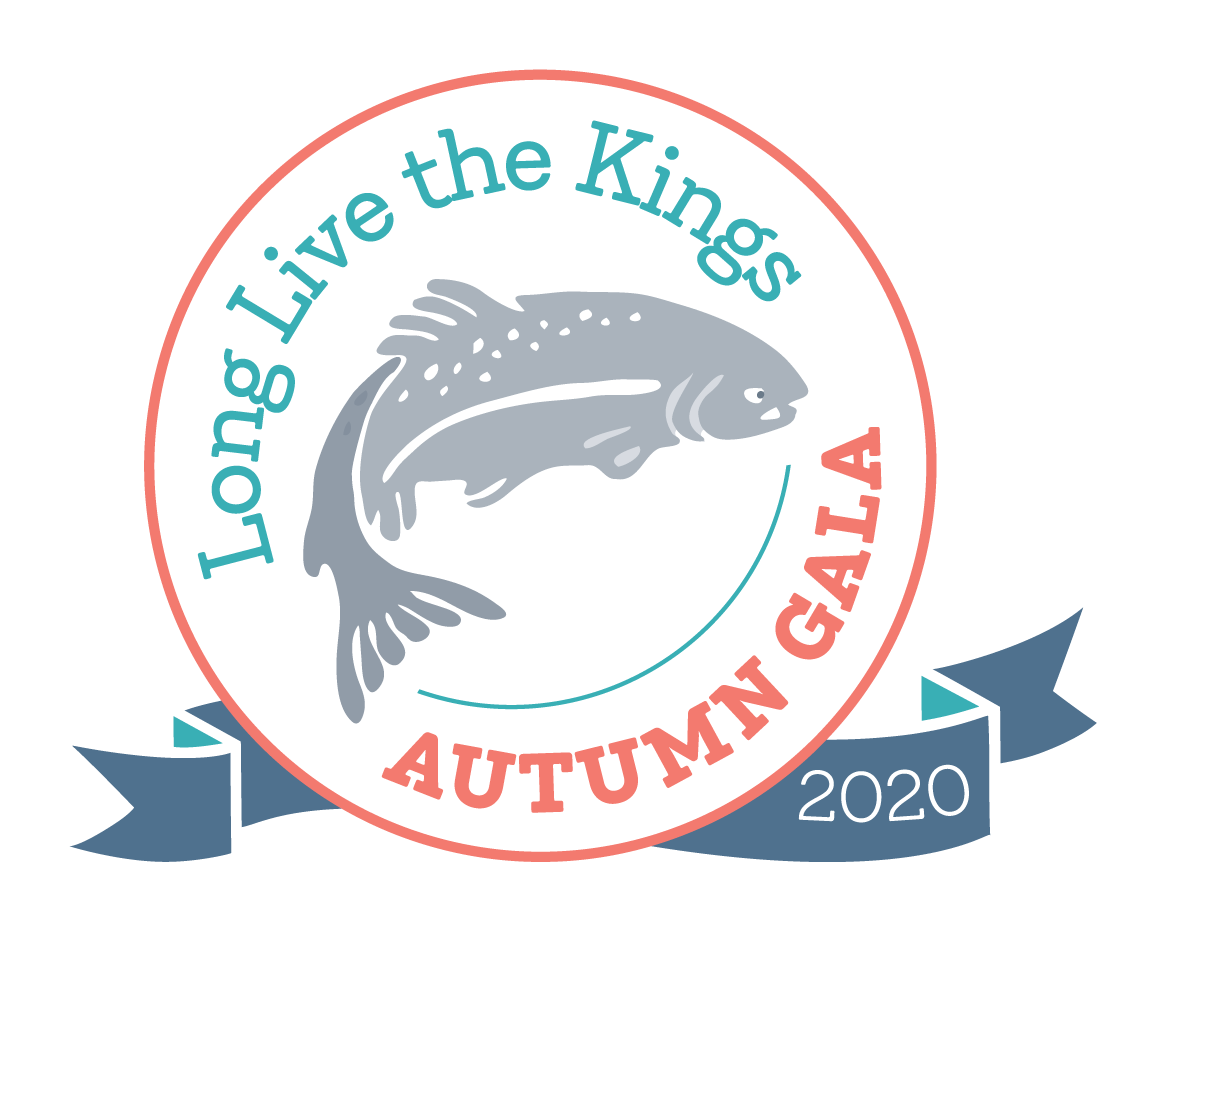 Autumn Gala 2020